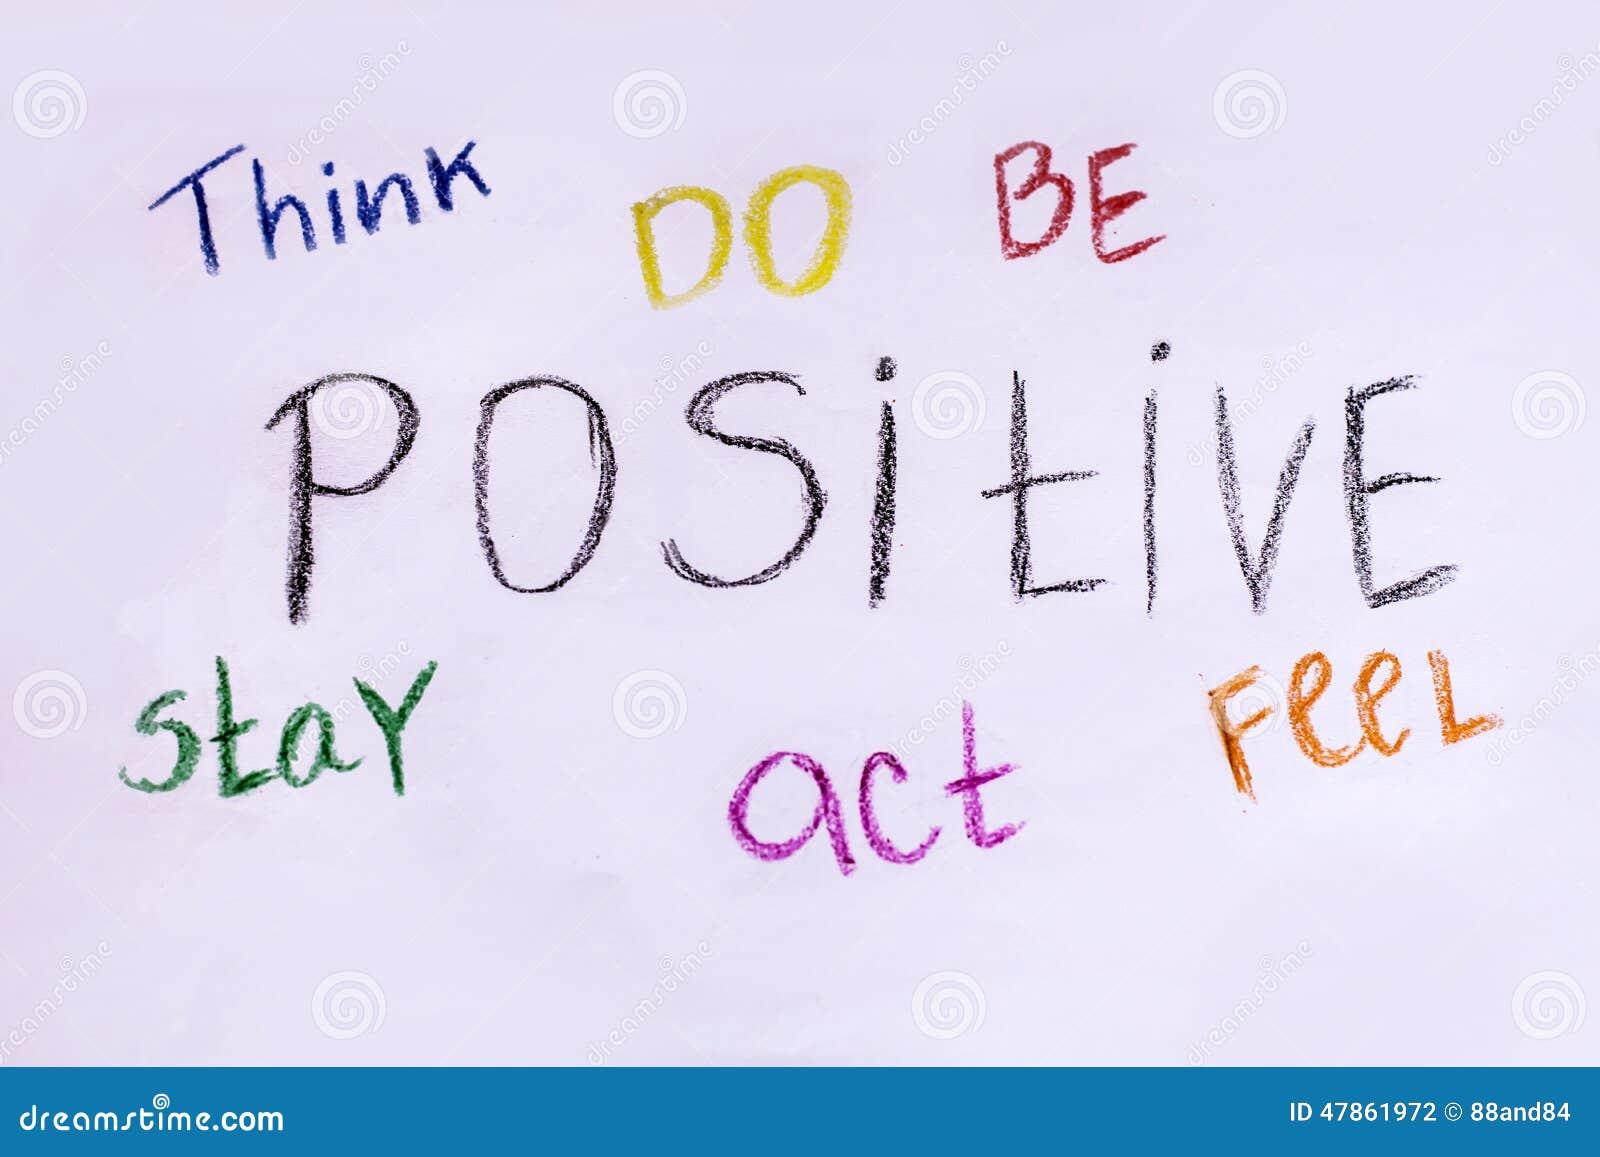 Pensi, fanno, essere, restare, agire, ritenere positivo Slogan motivazionale